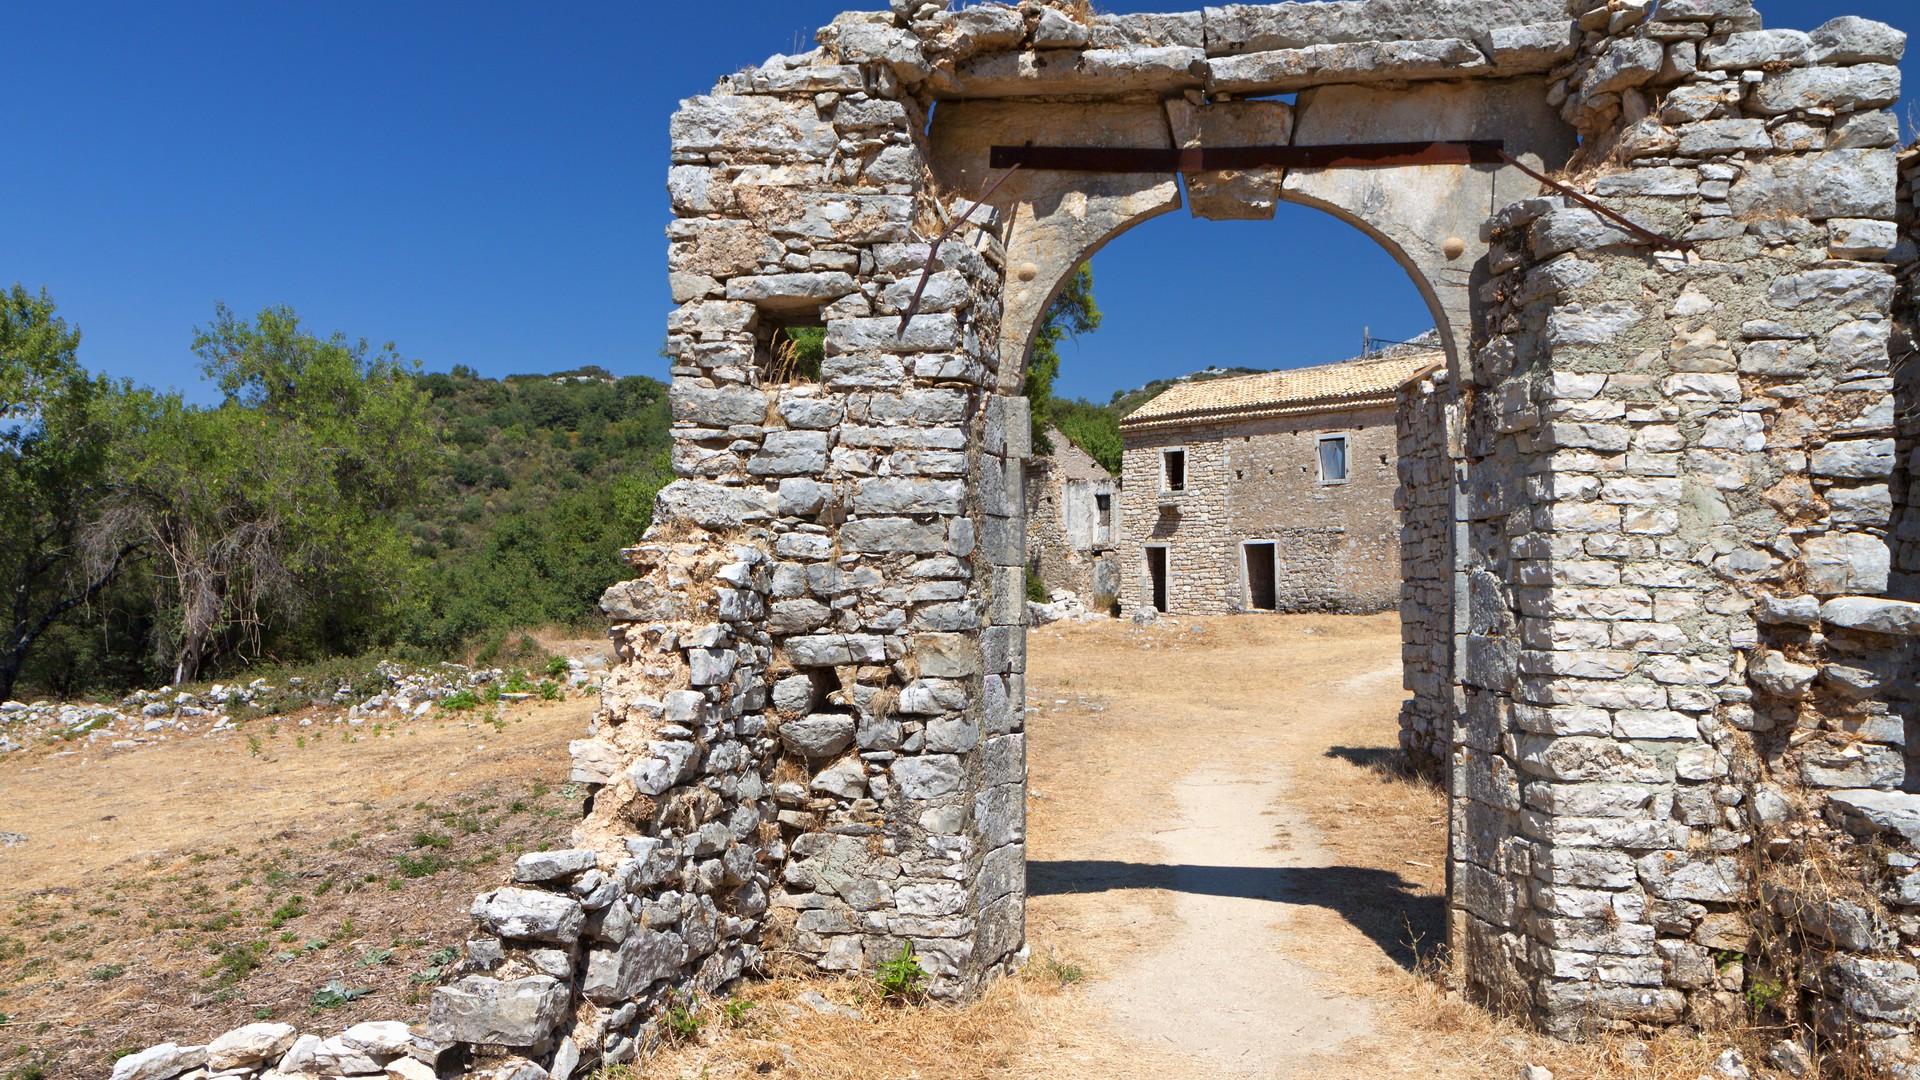 Παλιά Περίθεια: Το χωριό της Κέρκυρας που μάγεψε τον Guardian (pics)